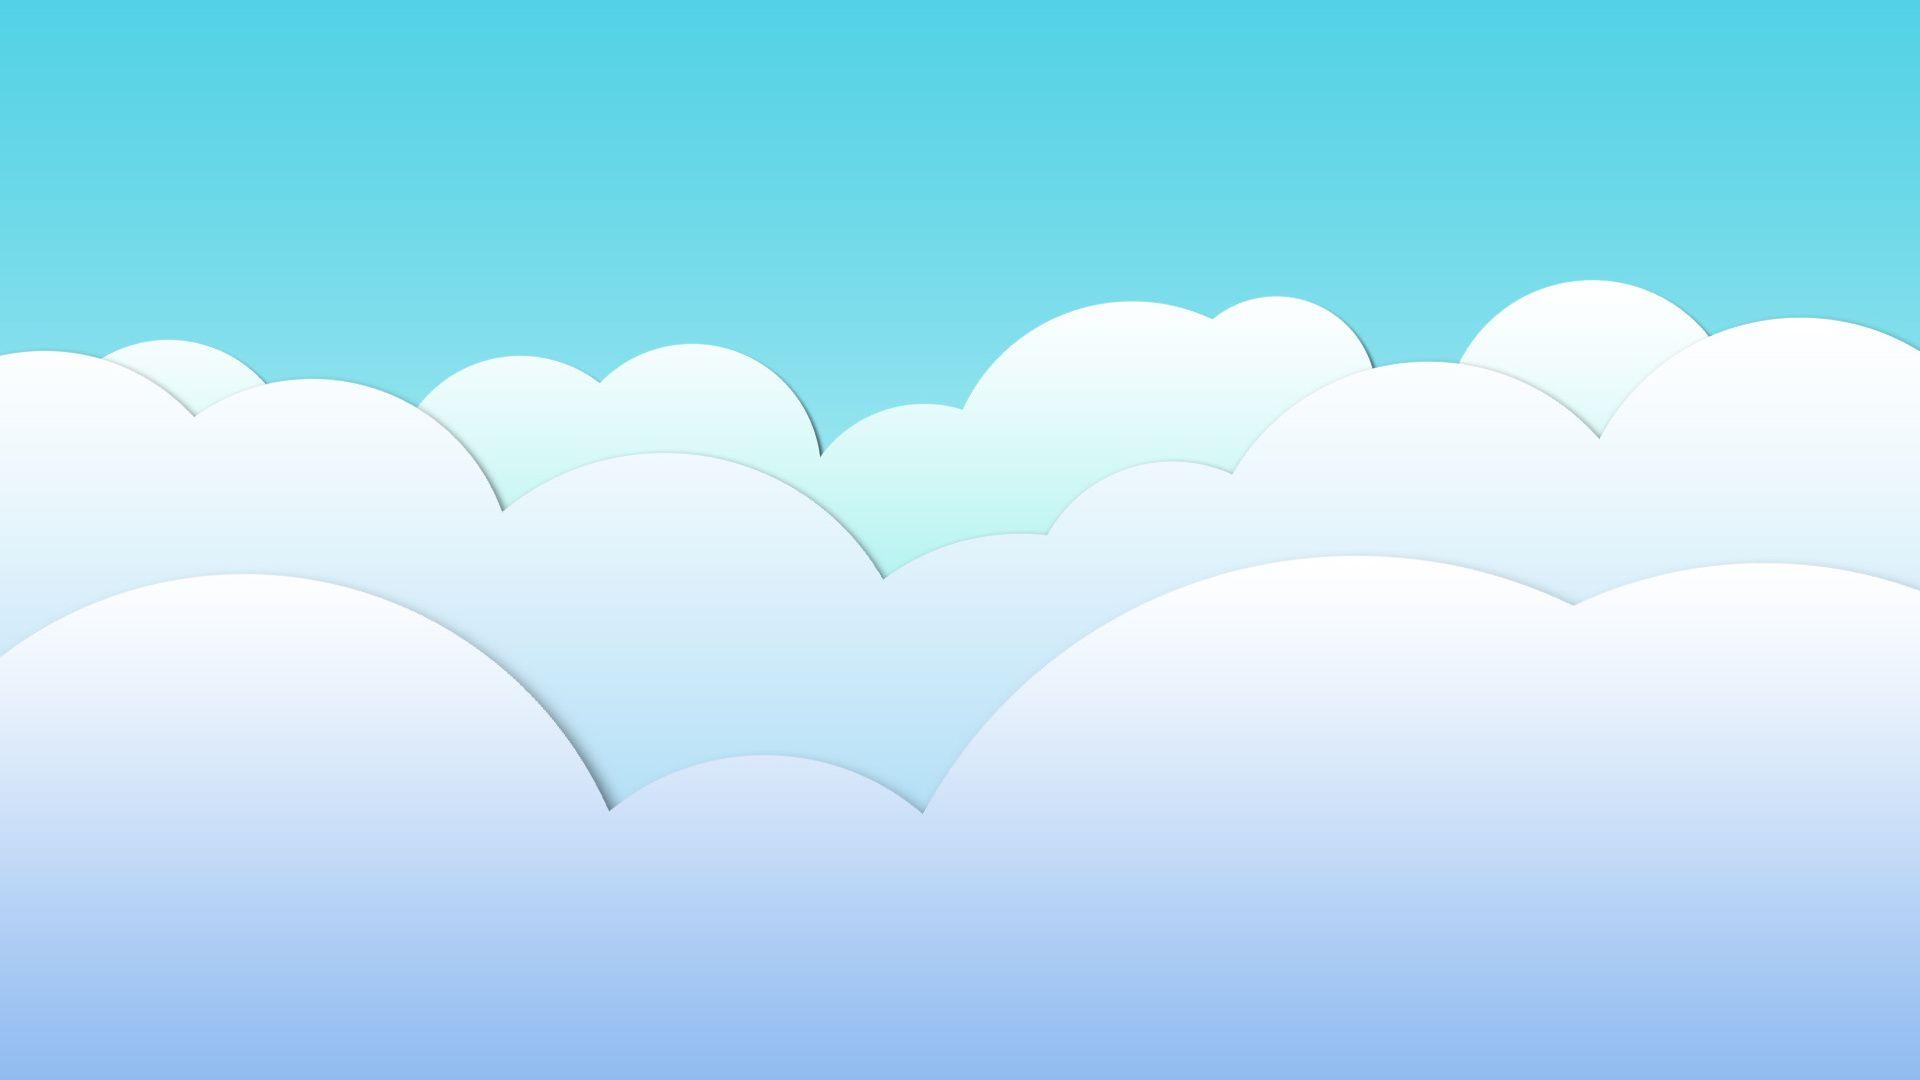 Sky Vector 1080p